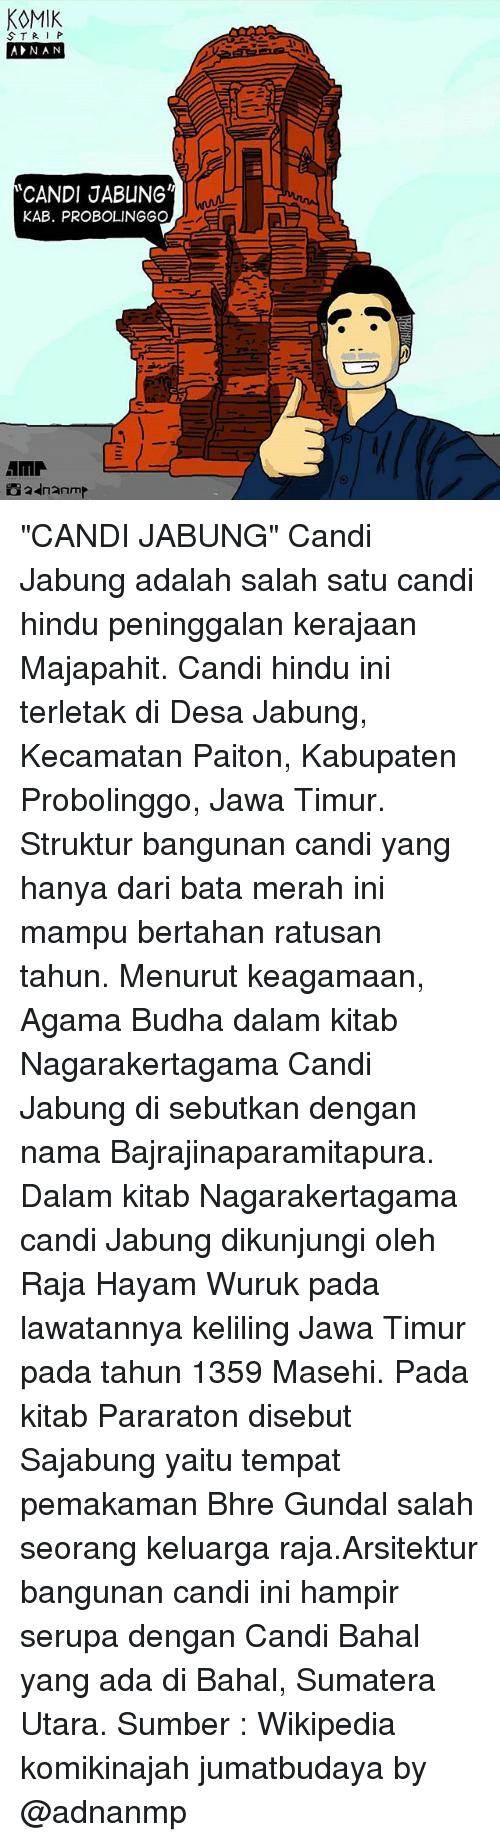 25 Memes Candys Wikipedia Majapahit Komik Stri P Anan Candi